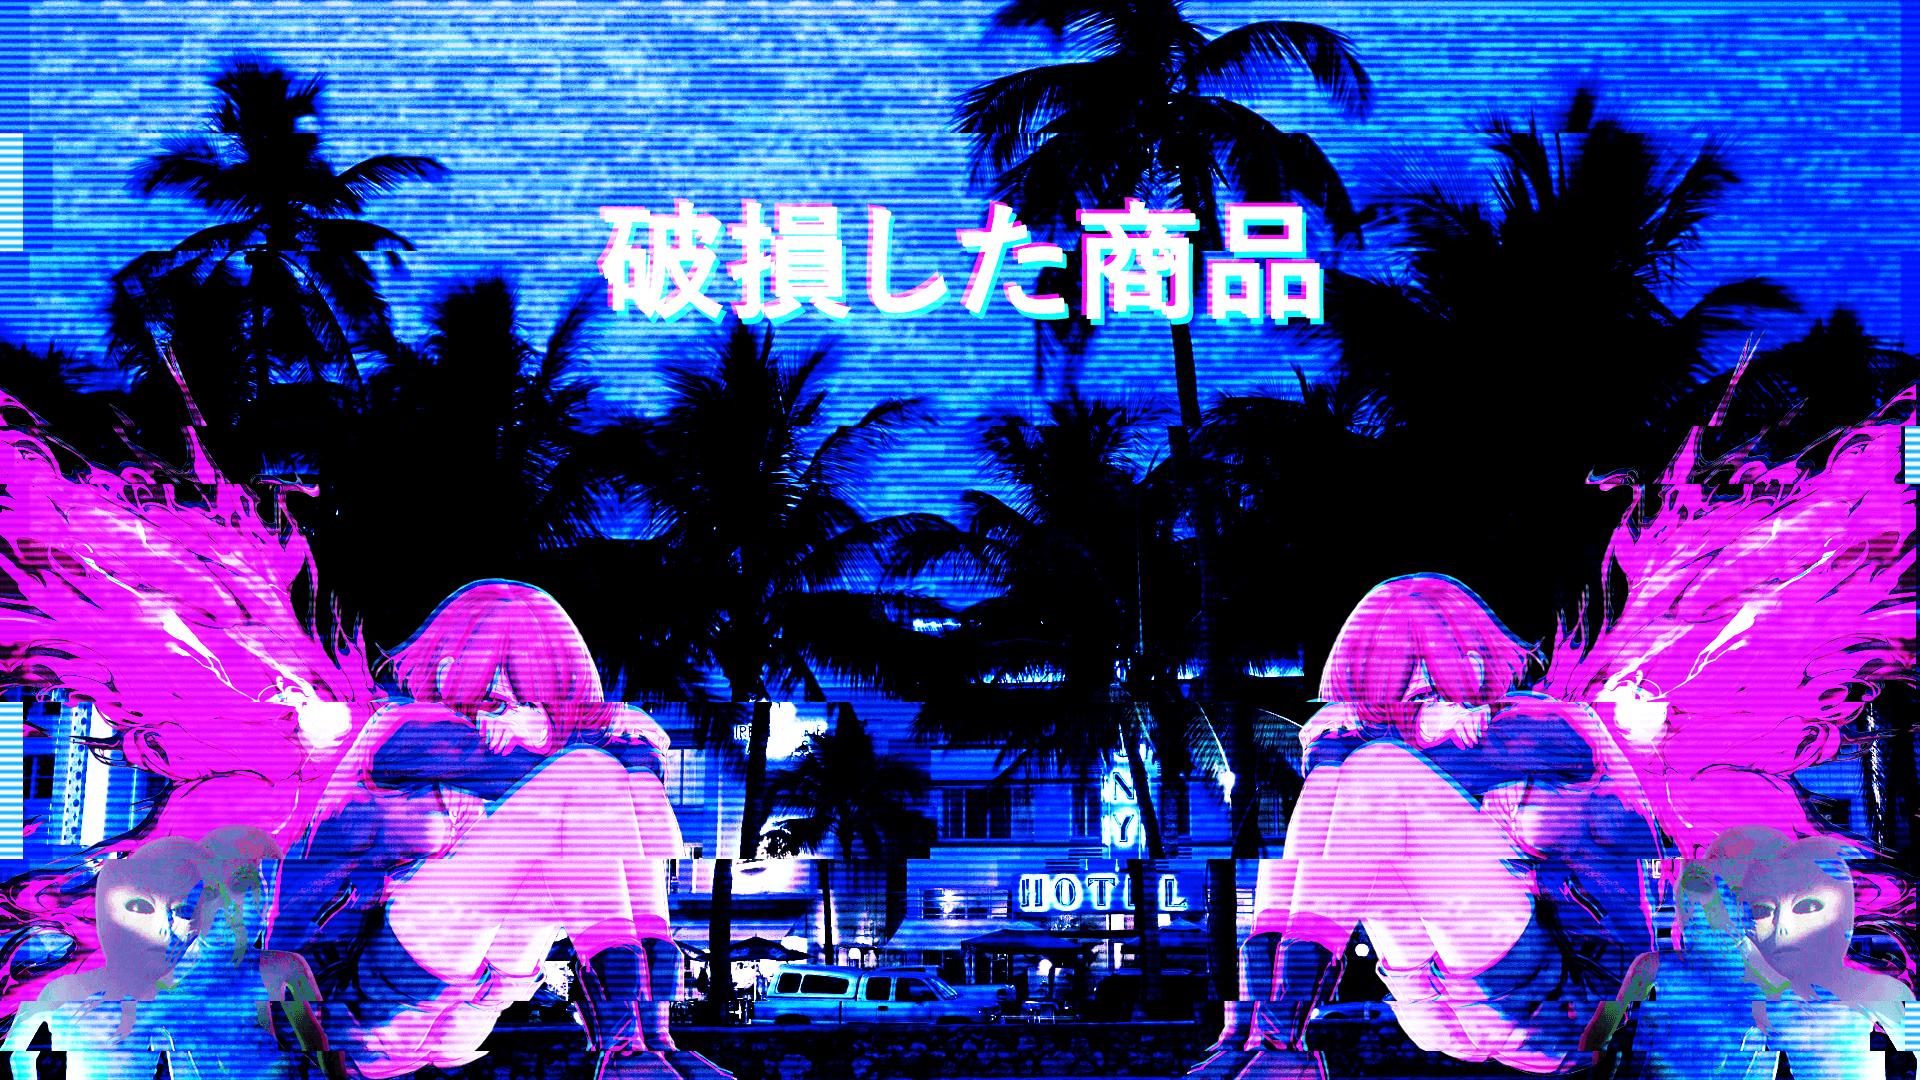 1920x1080 Anime HD Pink Blue Hình nền